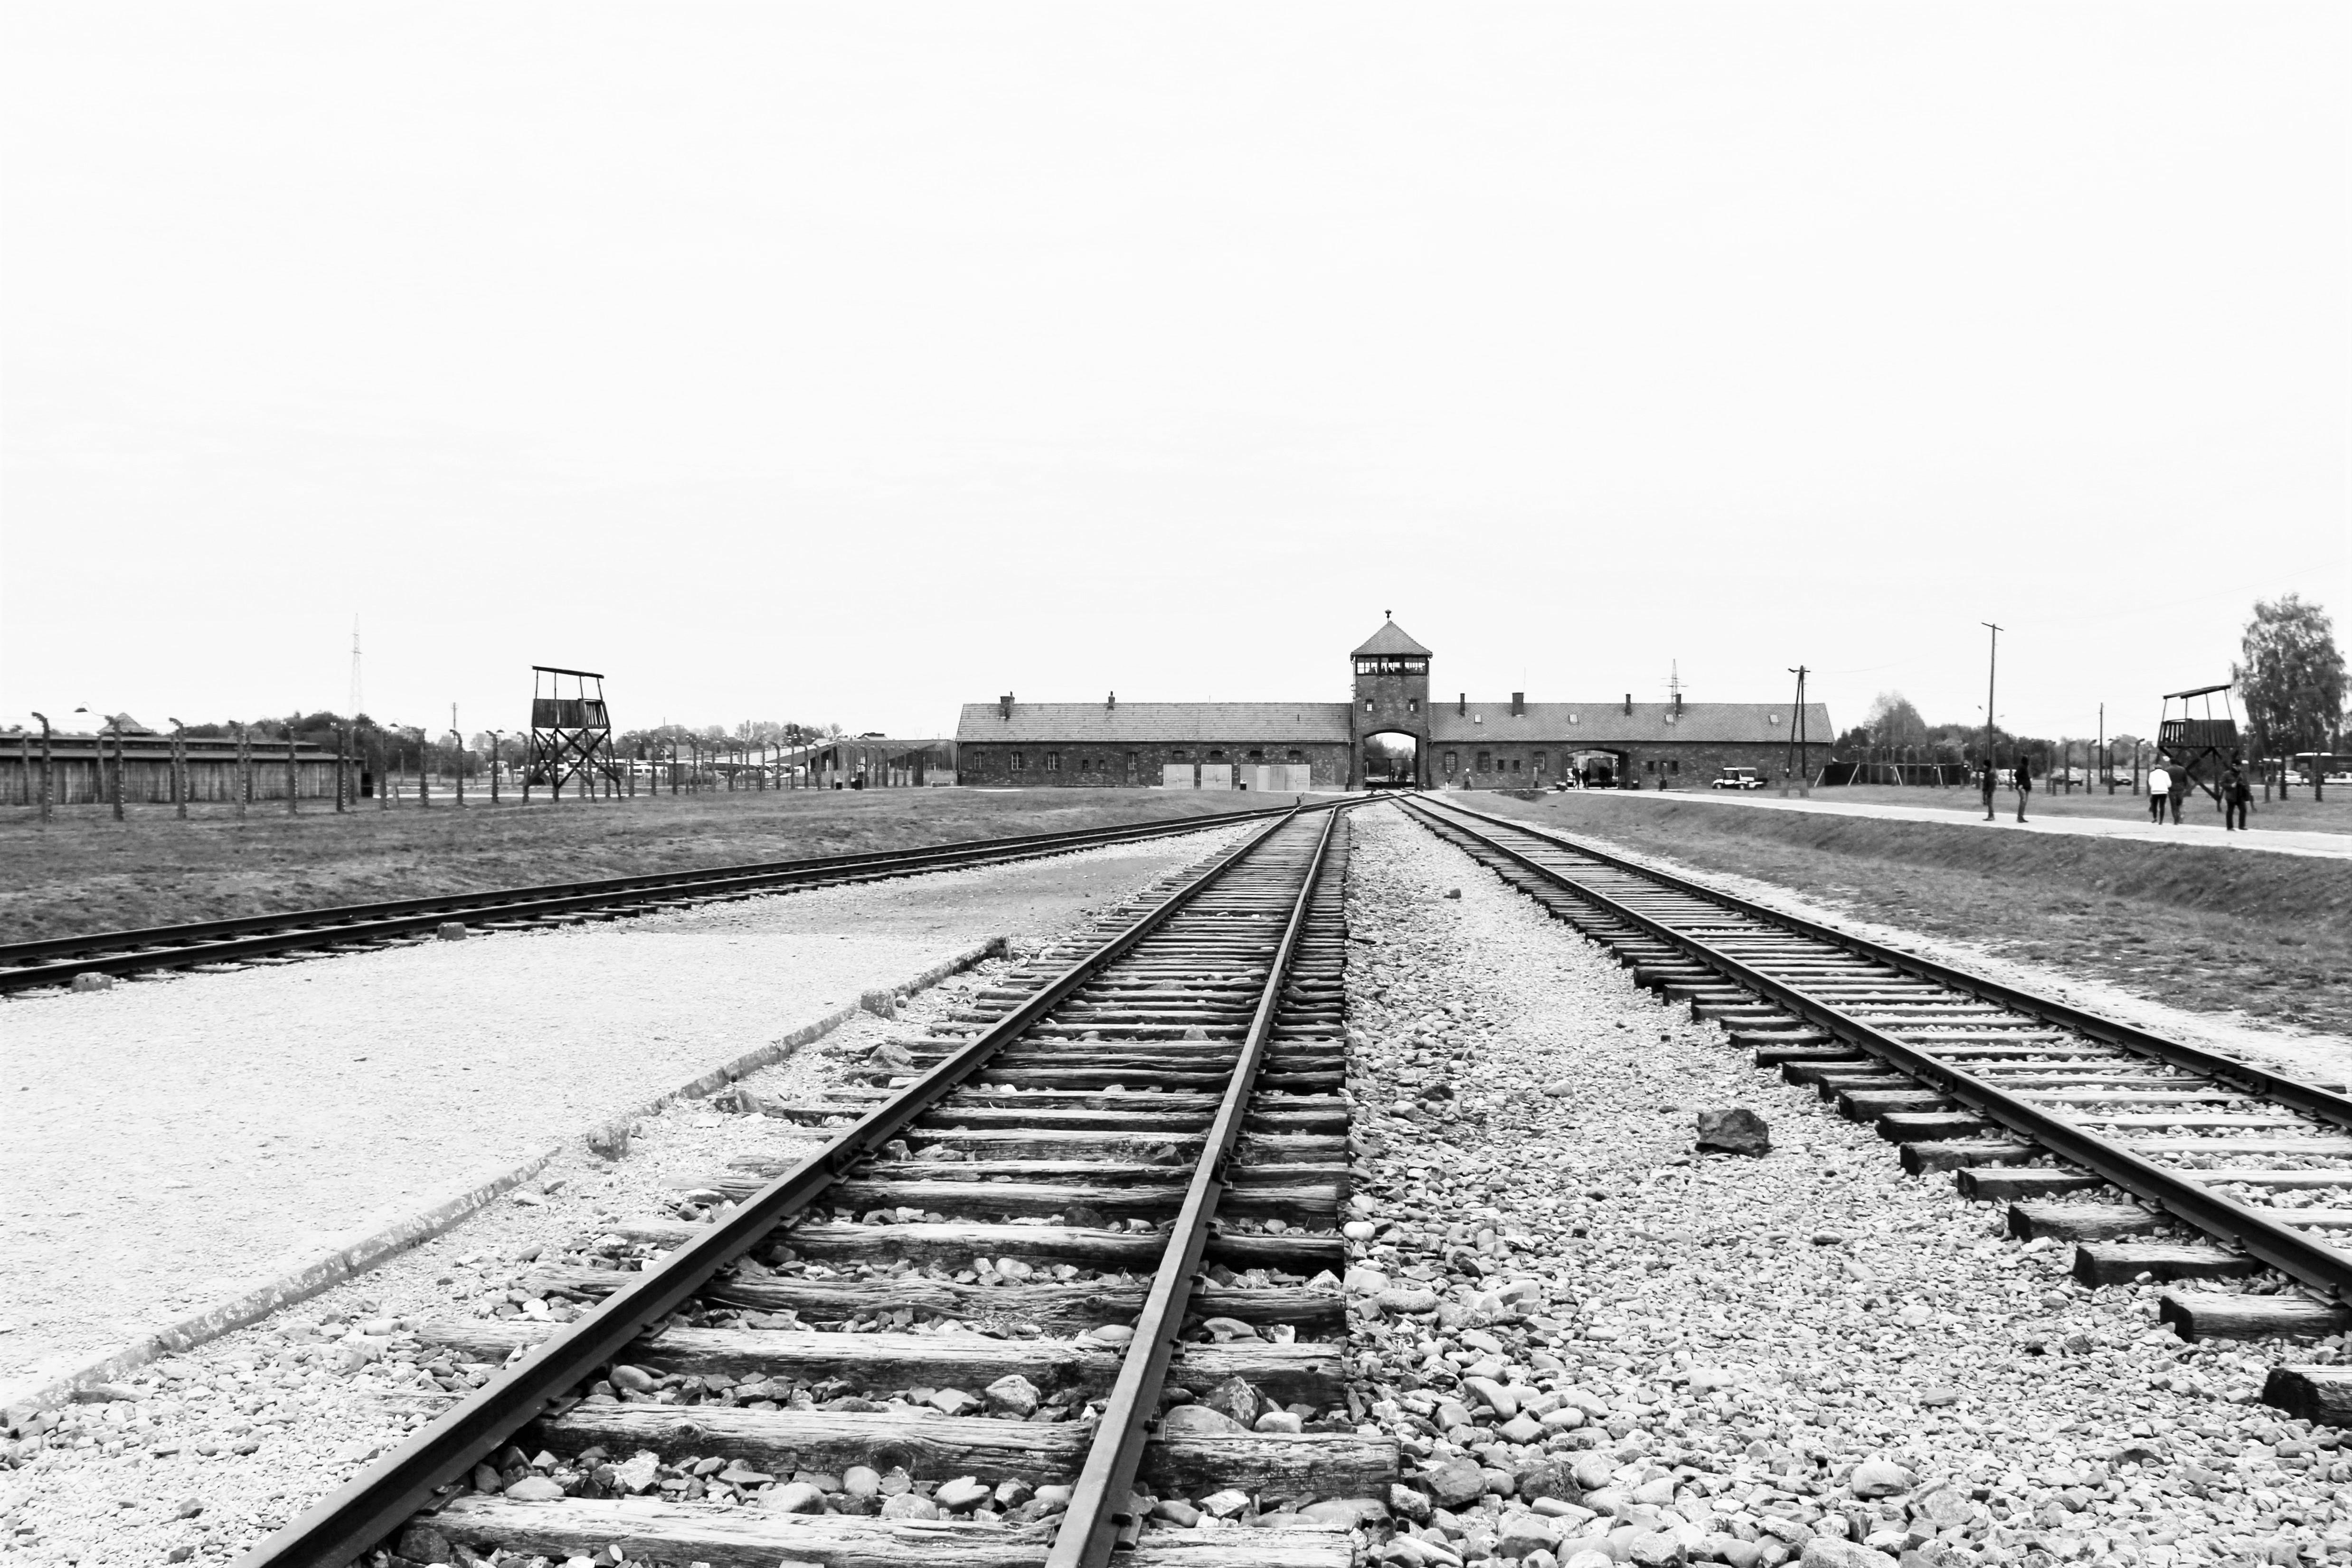 Auschwitz birkenau journ e eprouvante mais n cessaire - Les chambres a gaz ont elles vraiment existees ...